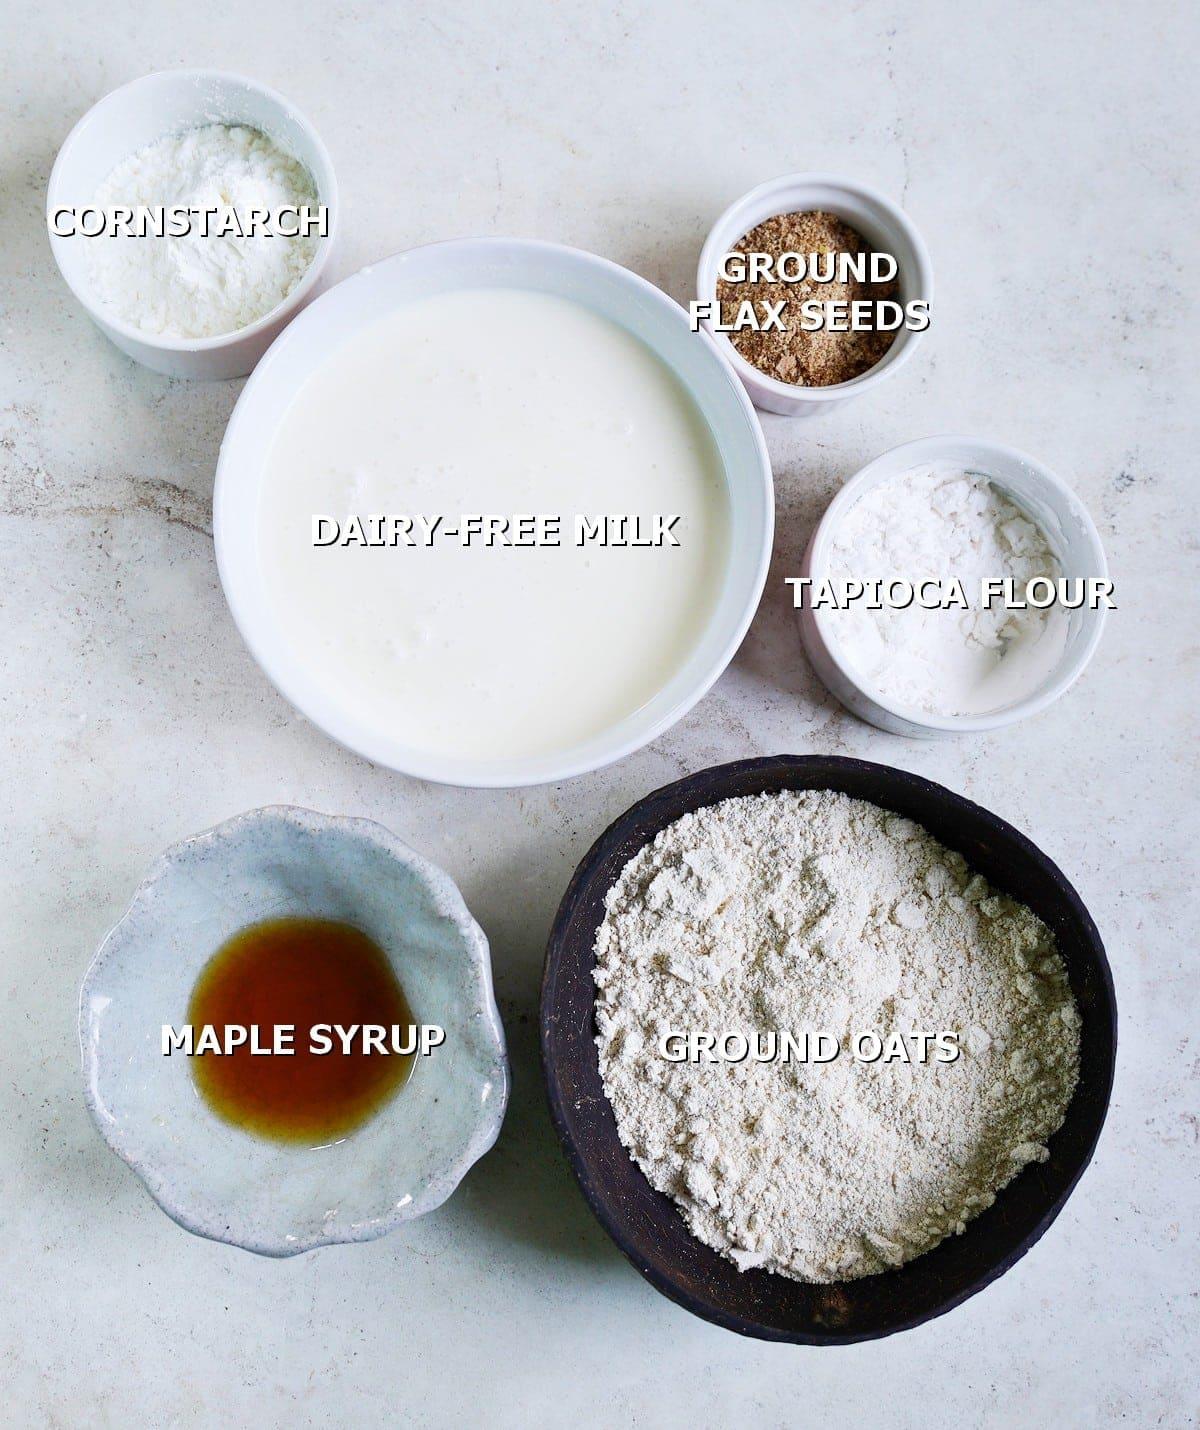 ingredients for crepe batter